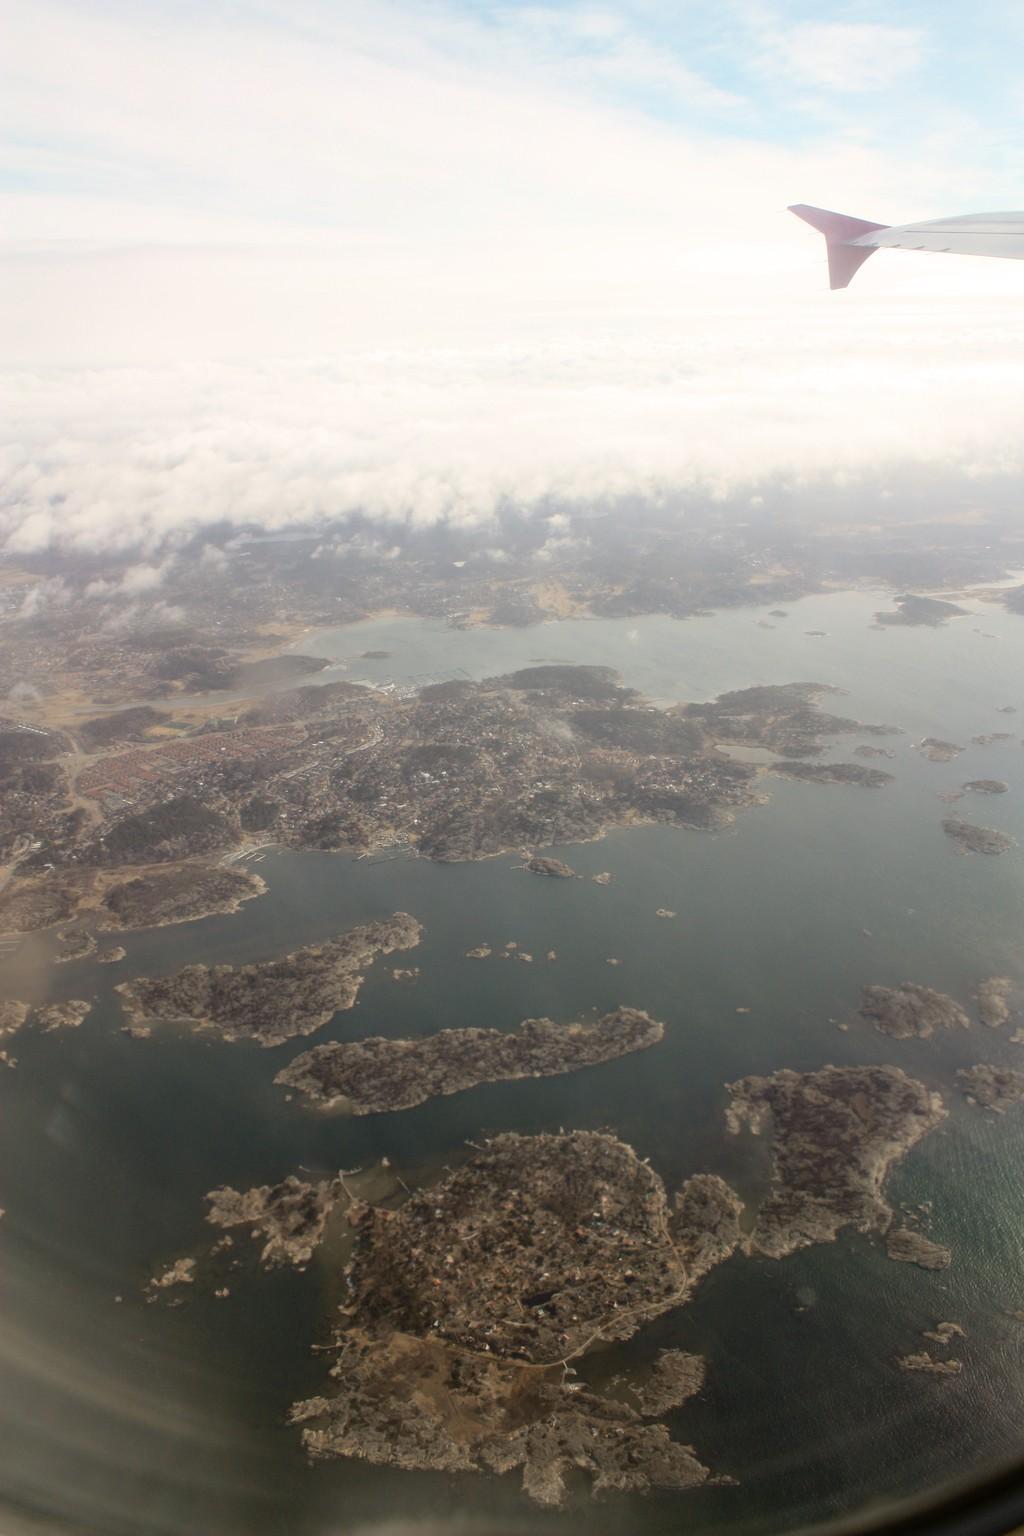 Detalle de las islas del archipiélago de la costa oeste sueca <br> Foto: Israel Úbeda / sweetsweden.com